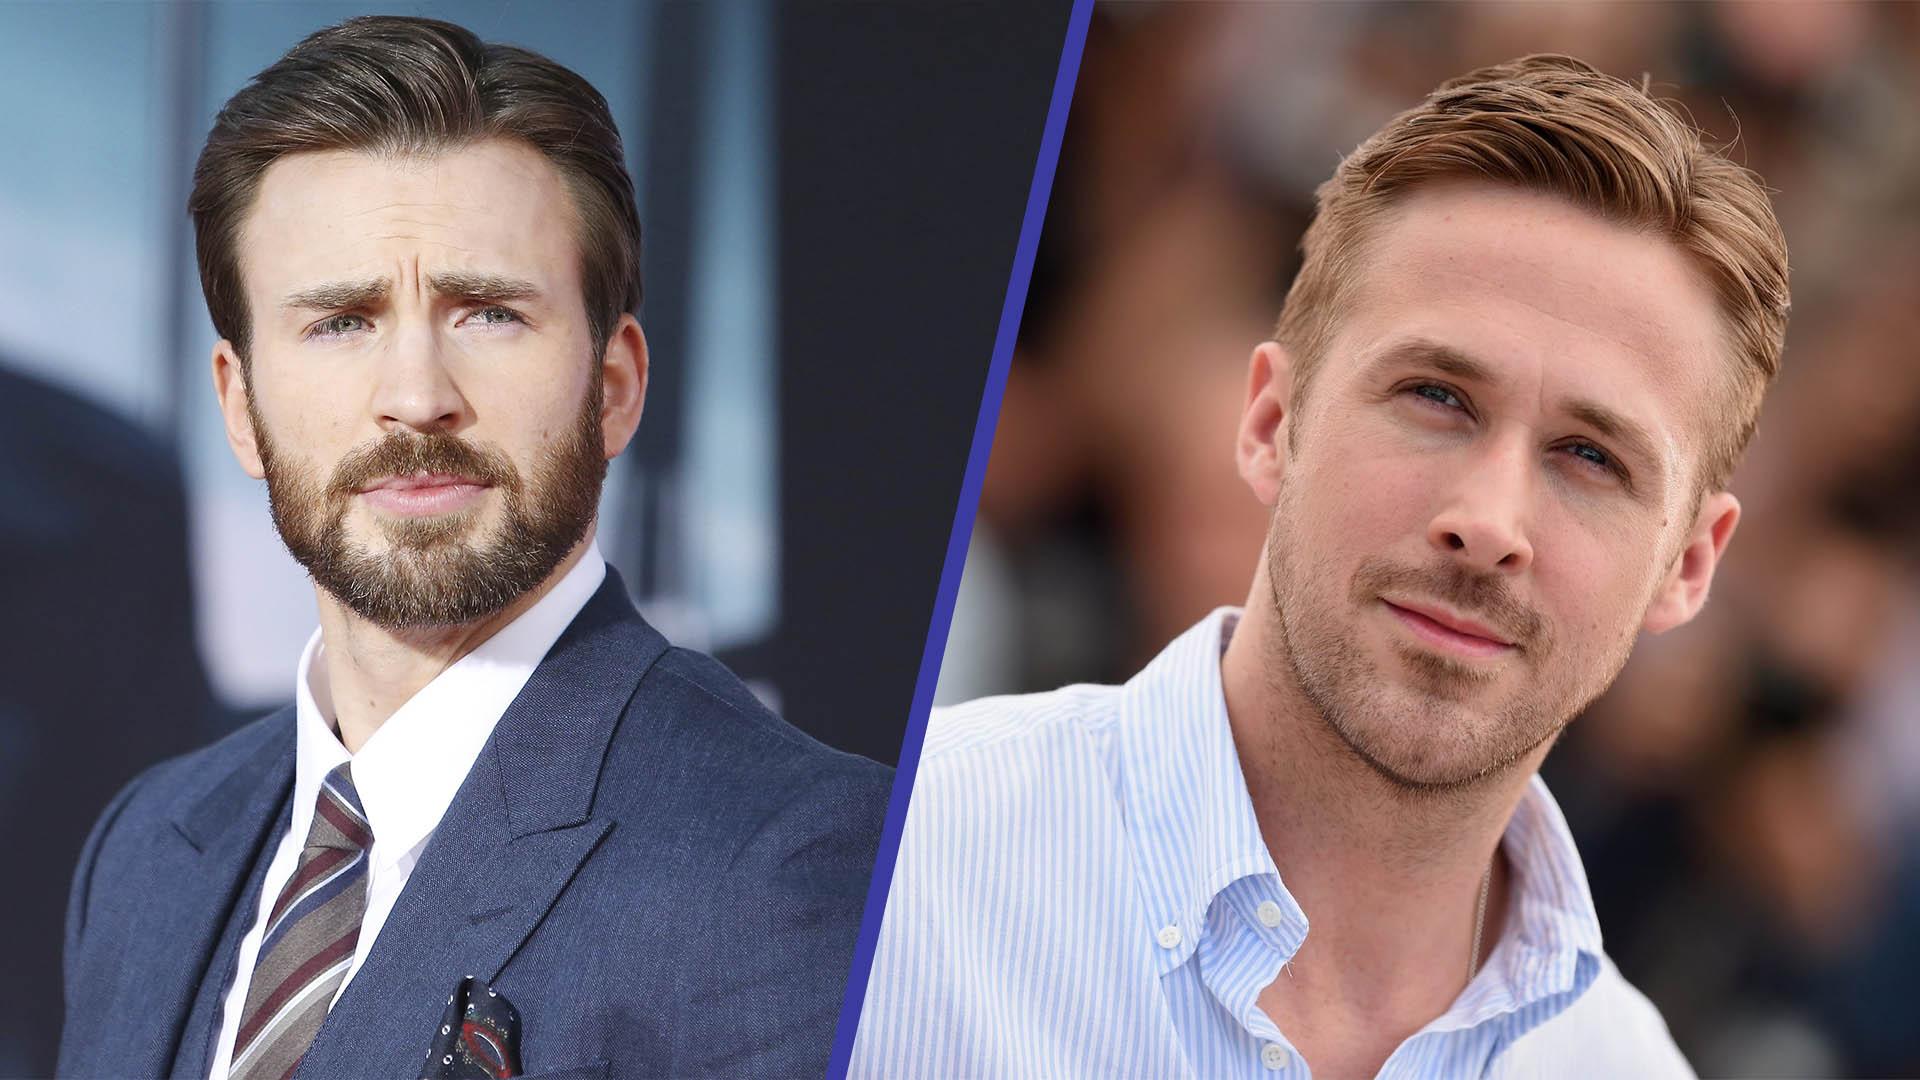 Fotografía de Ryan Gosling y Chris Evans